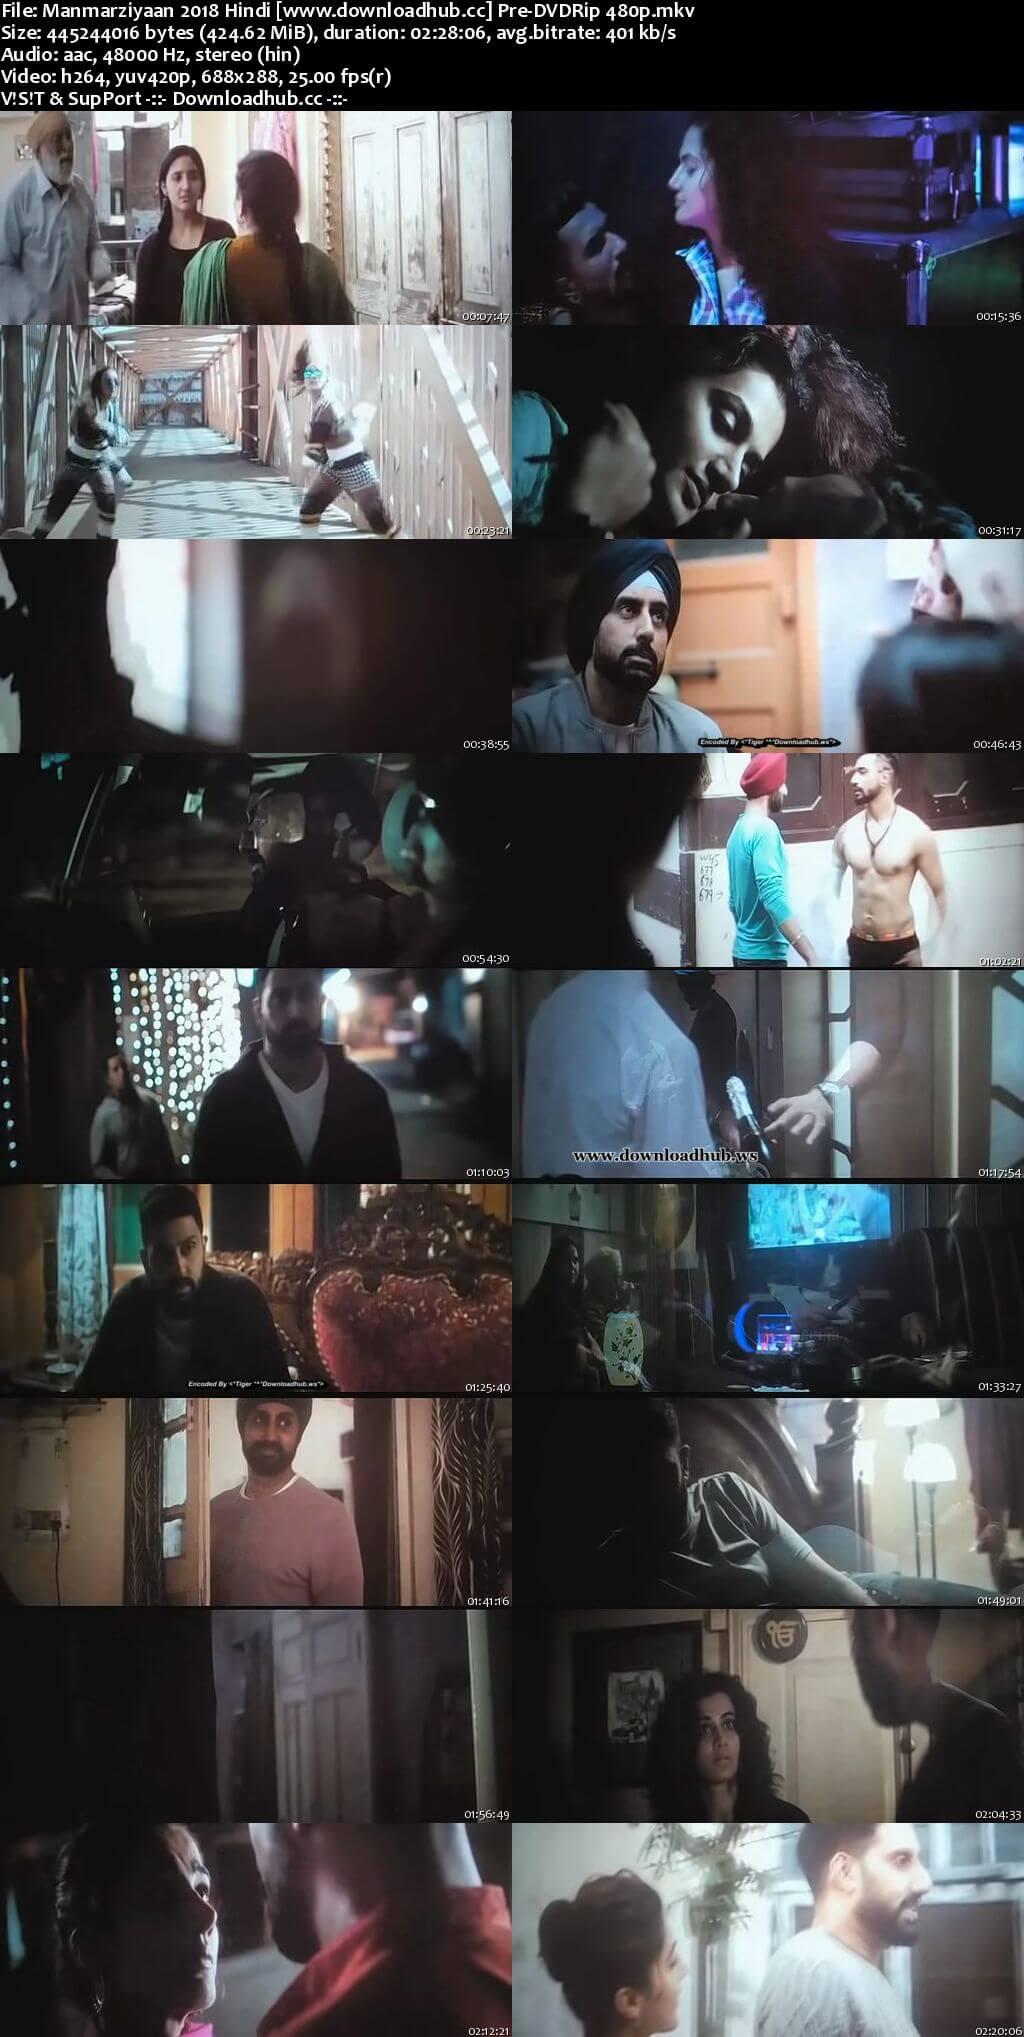 Manmarziyaan 2018 Hindi 400MB Pre-DVDRip 480p